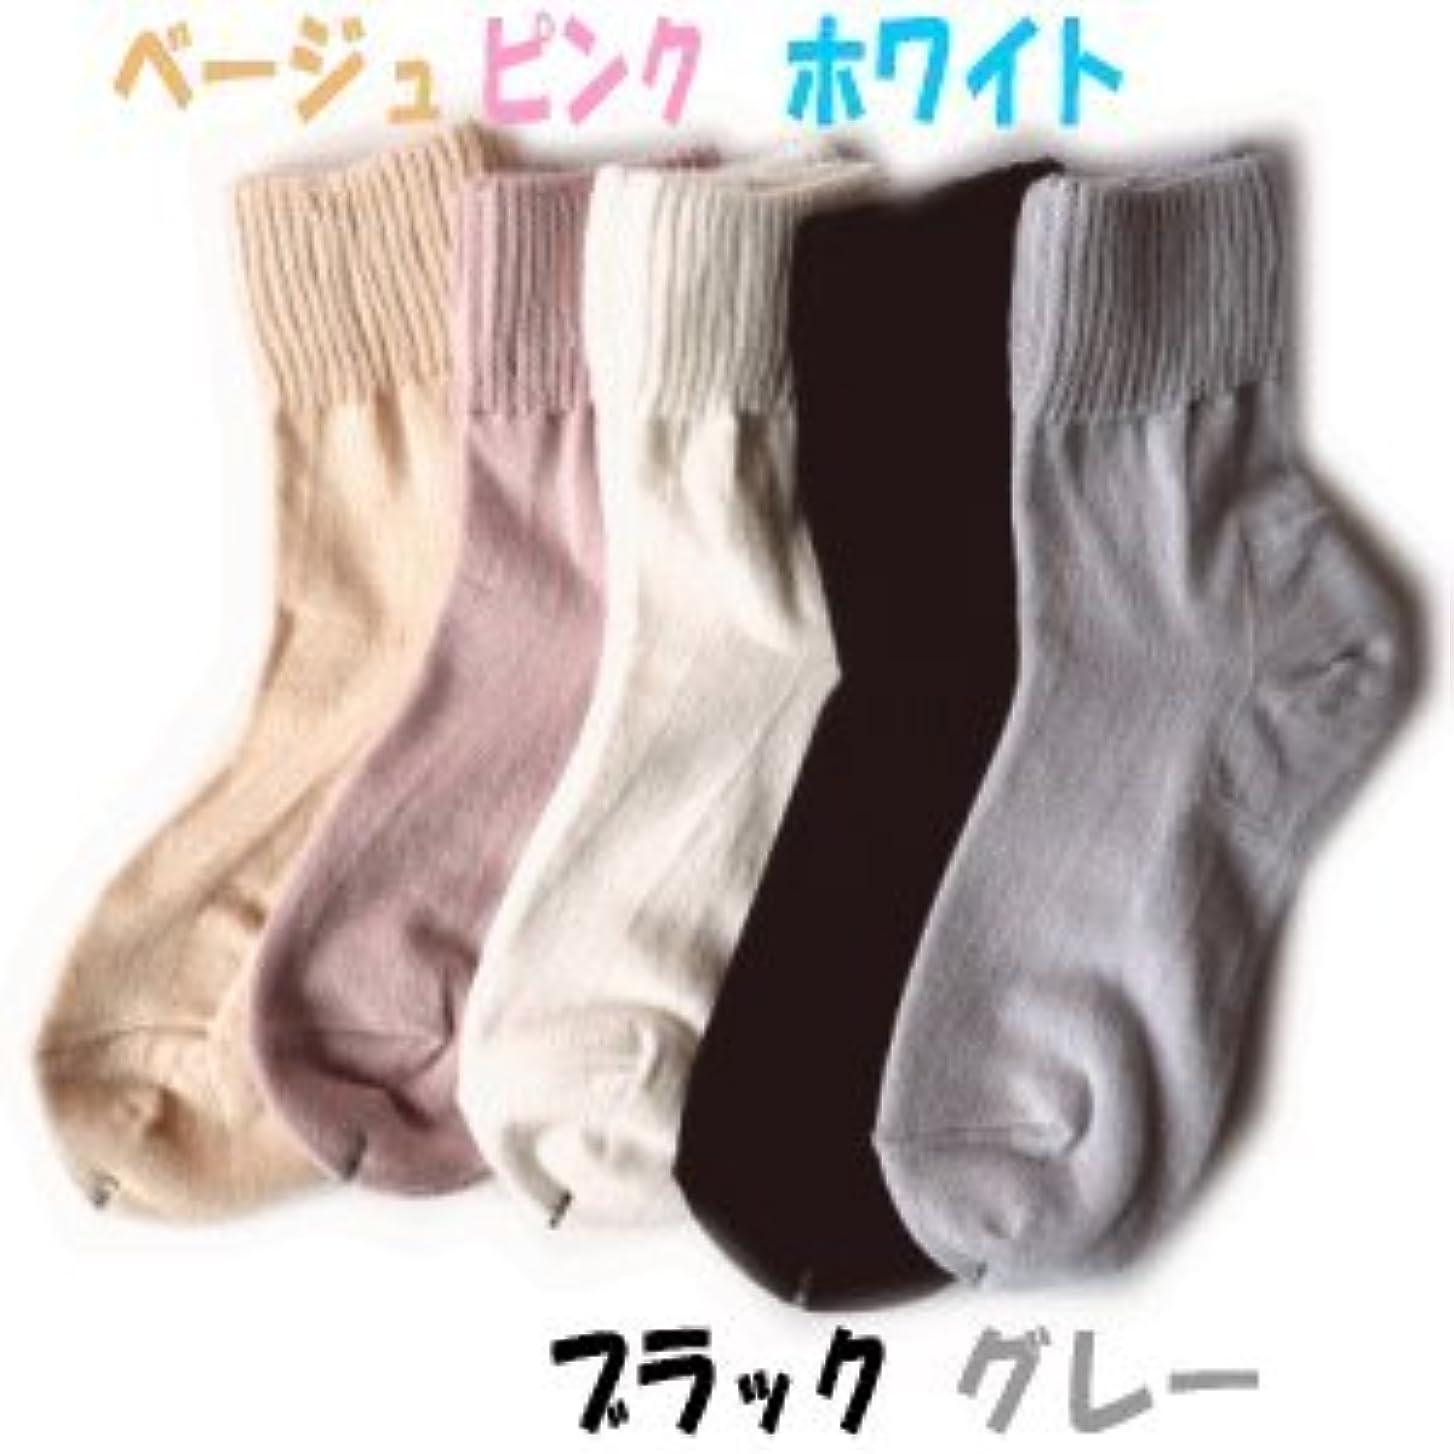 シャープ拷問最適薄手 ゆったり かかと ツルツル 靴下 ピンク 角質ケア ひび割れ対策 22-24cm 太陽ニット 574